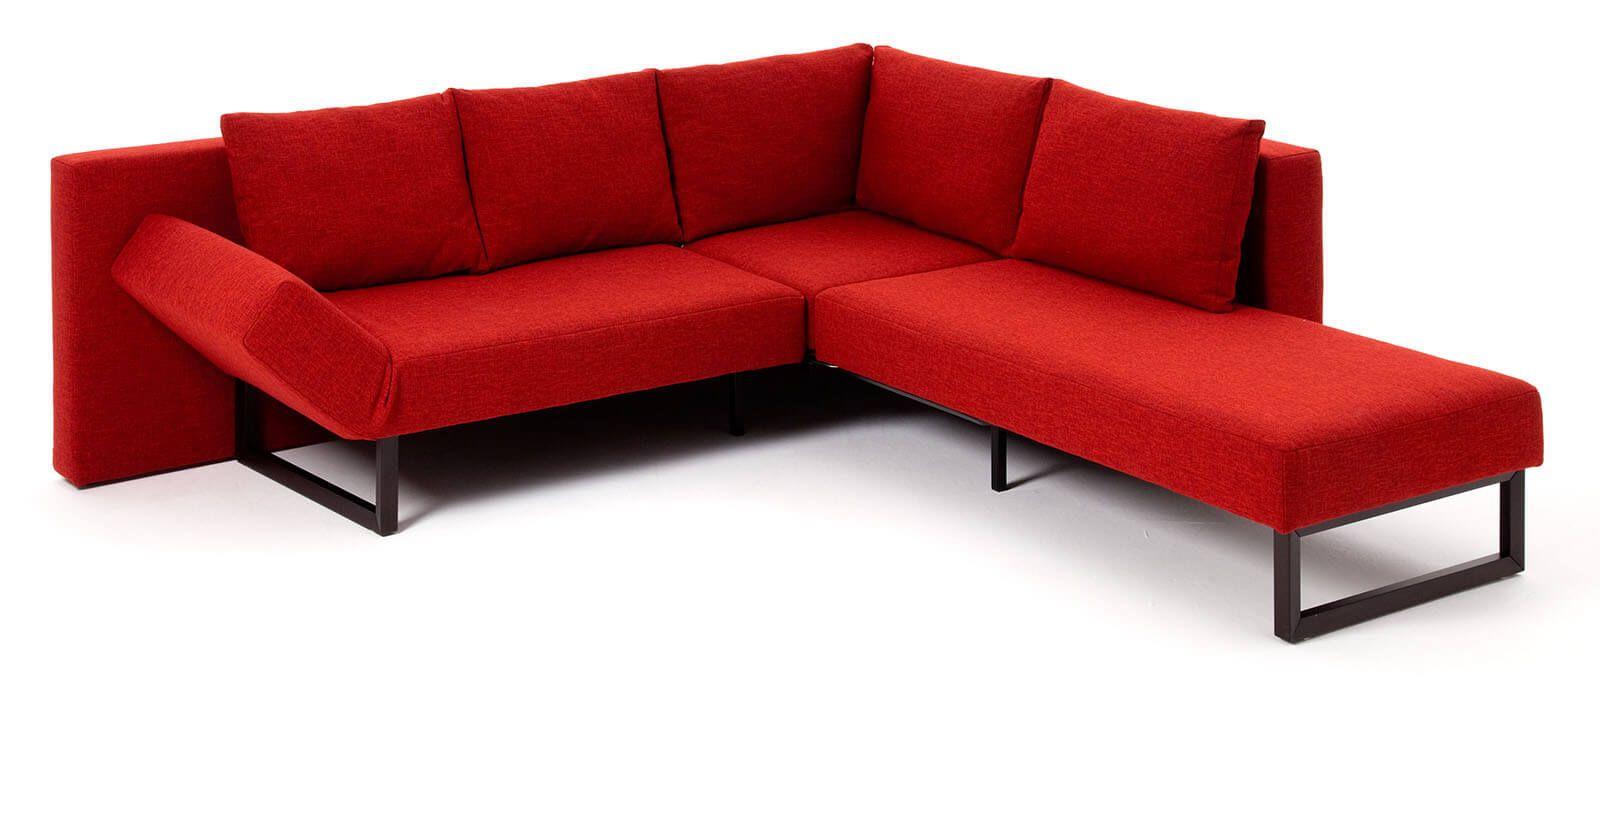 Ausziehbares Sofa Eine Couch Zum Schlafen Ist Die Optimale Losung Fur Freunde Die Uber Nacht Bleiben Moc Schlafsofa Mit Bettkasten Bettsofa Sofa